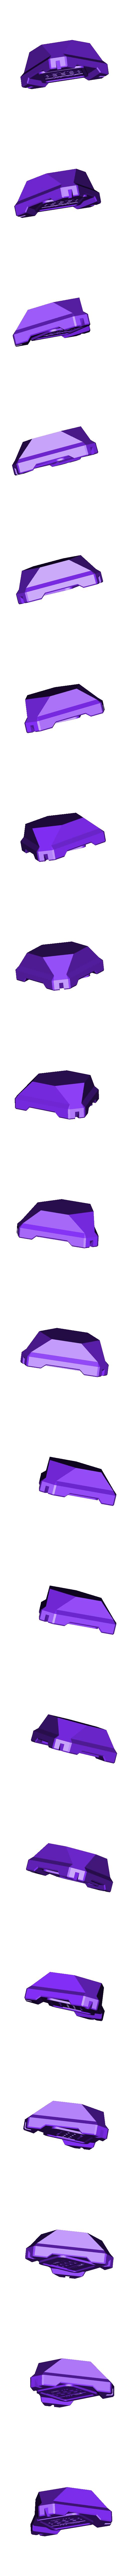 11.Breaching Pod.02.stl Download STL file Anubis • 3D print template, sergusy